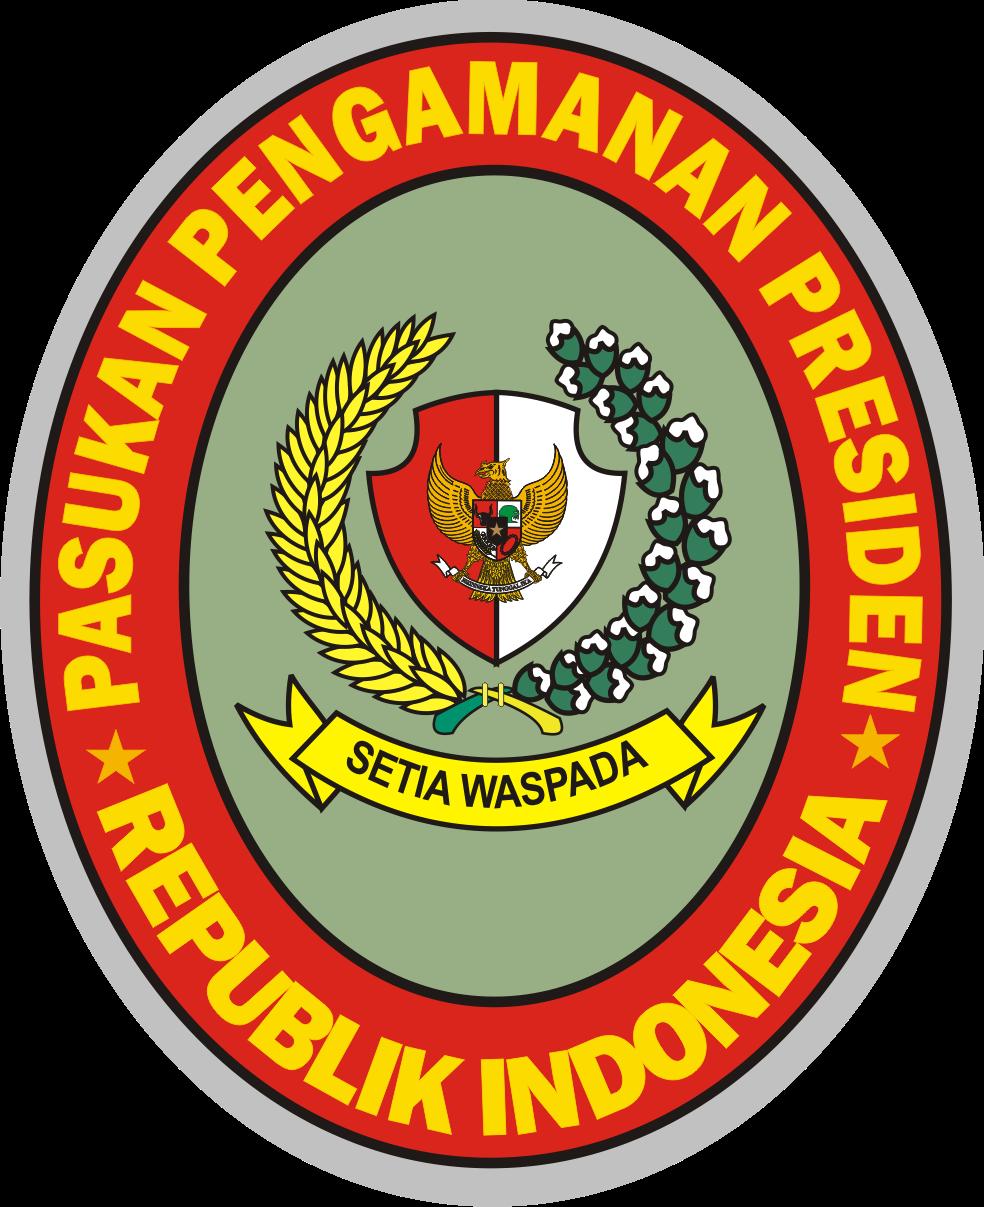 ... lambang stiker keluarga besar istana presiden ri lambang stiker istana